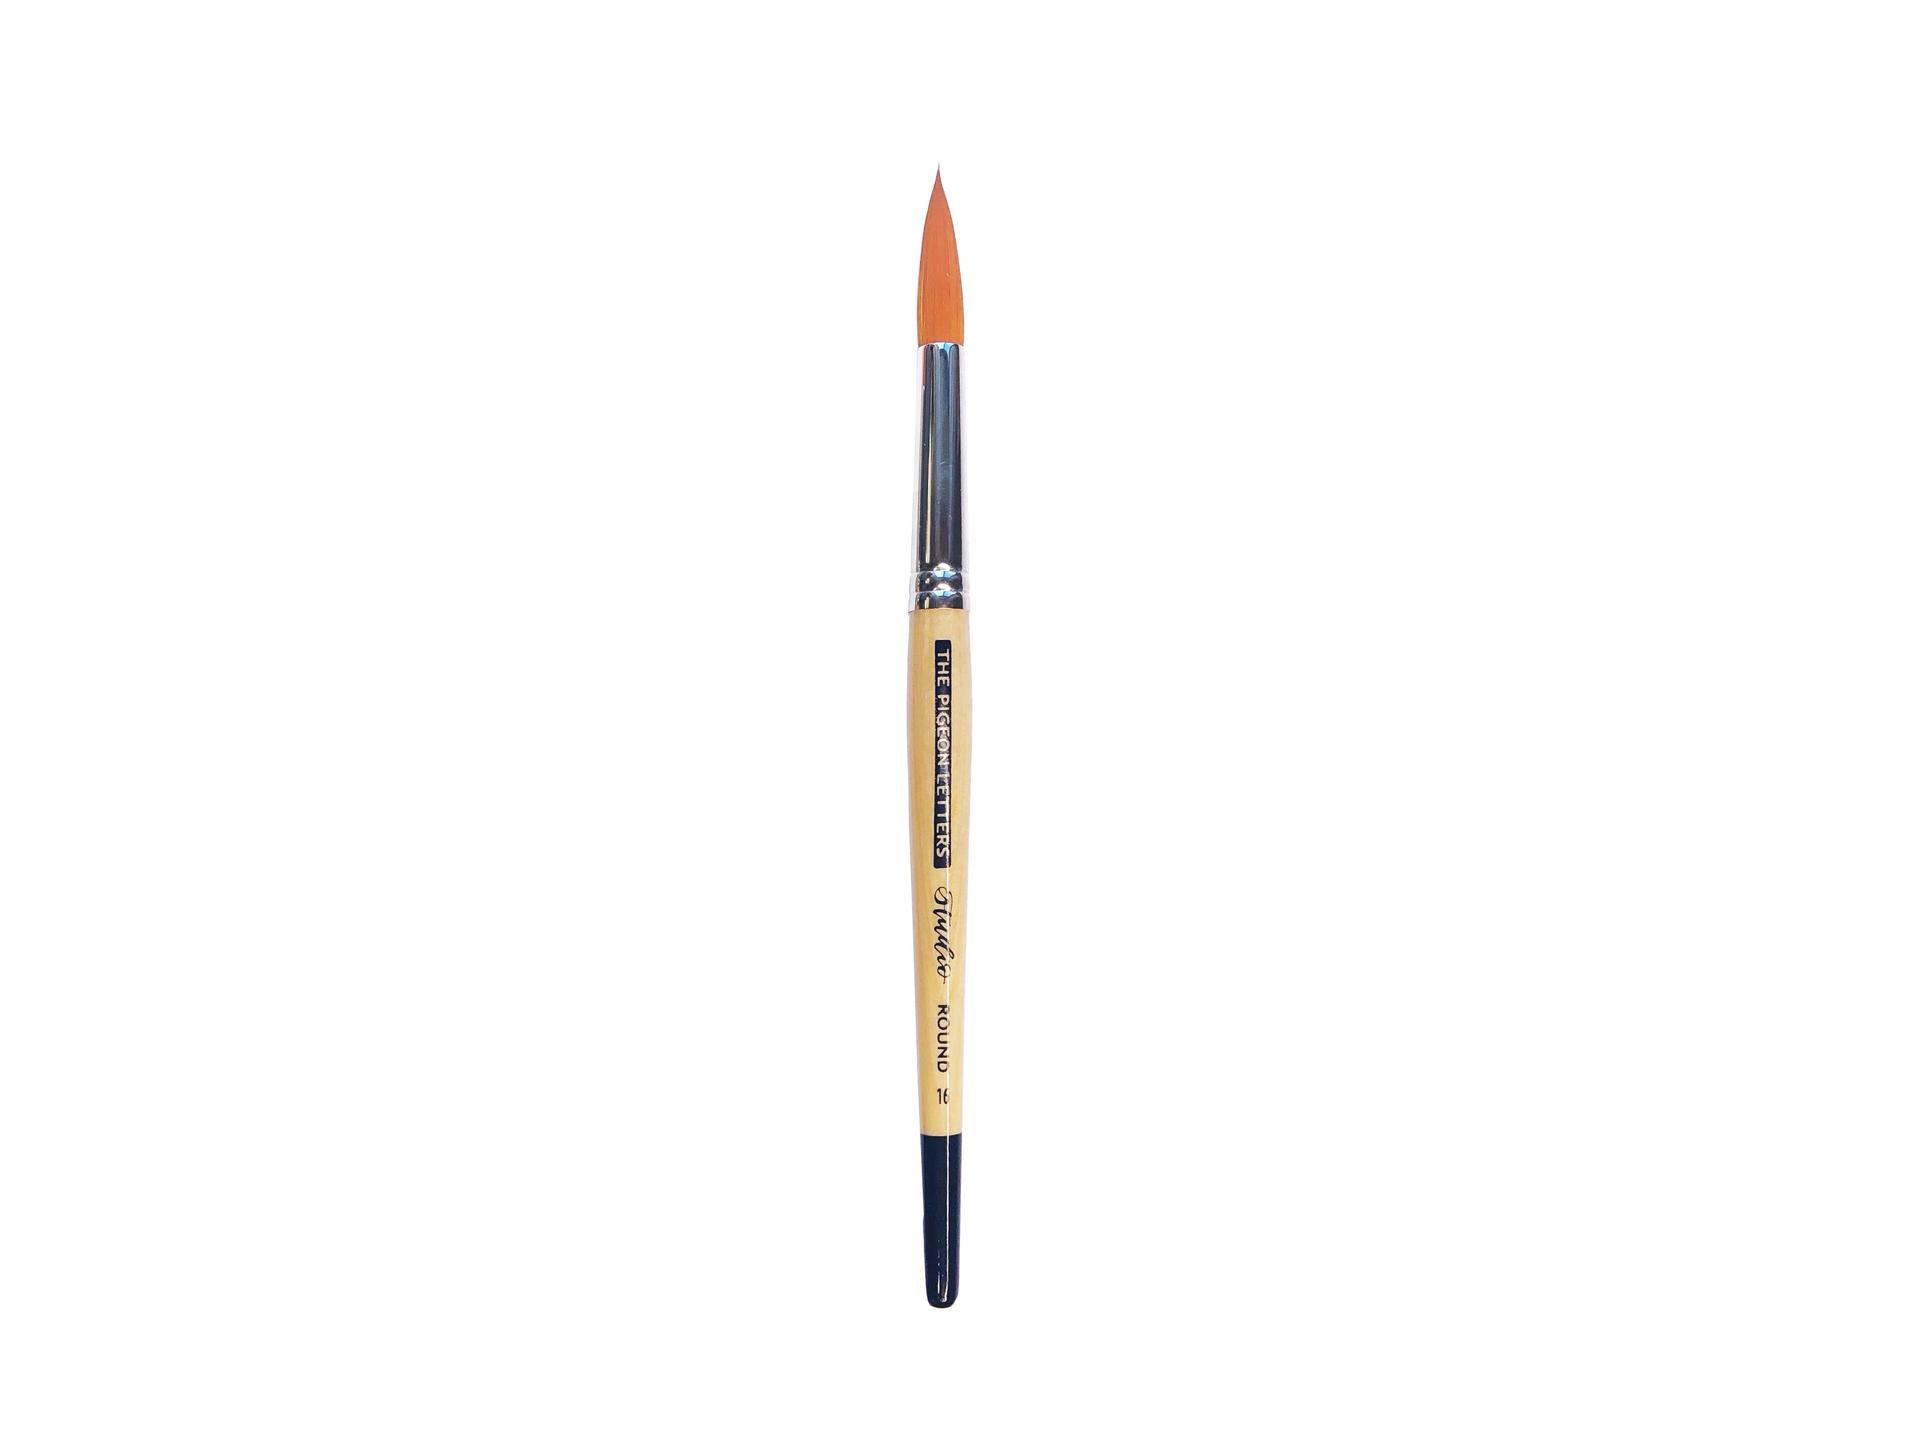 3/4 filbert paint brush